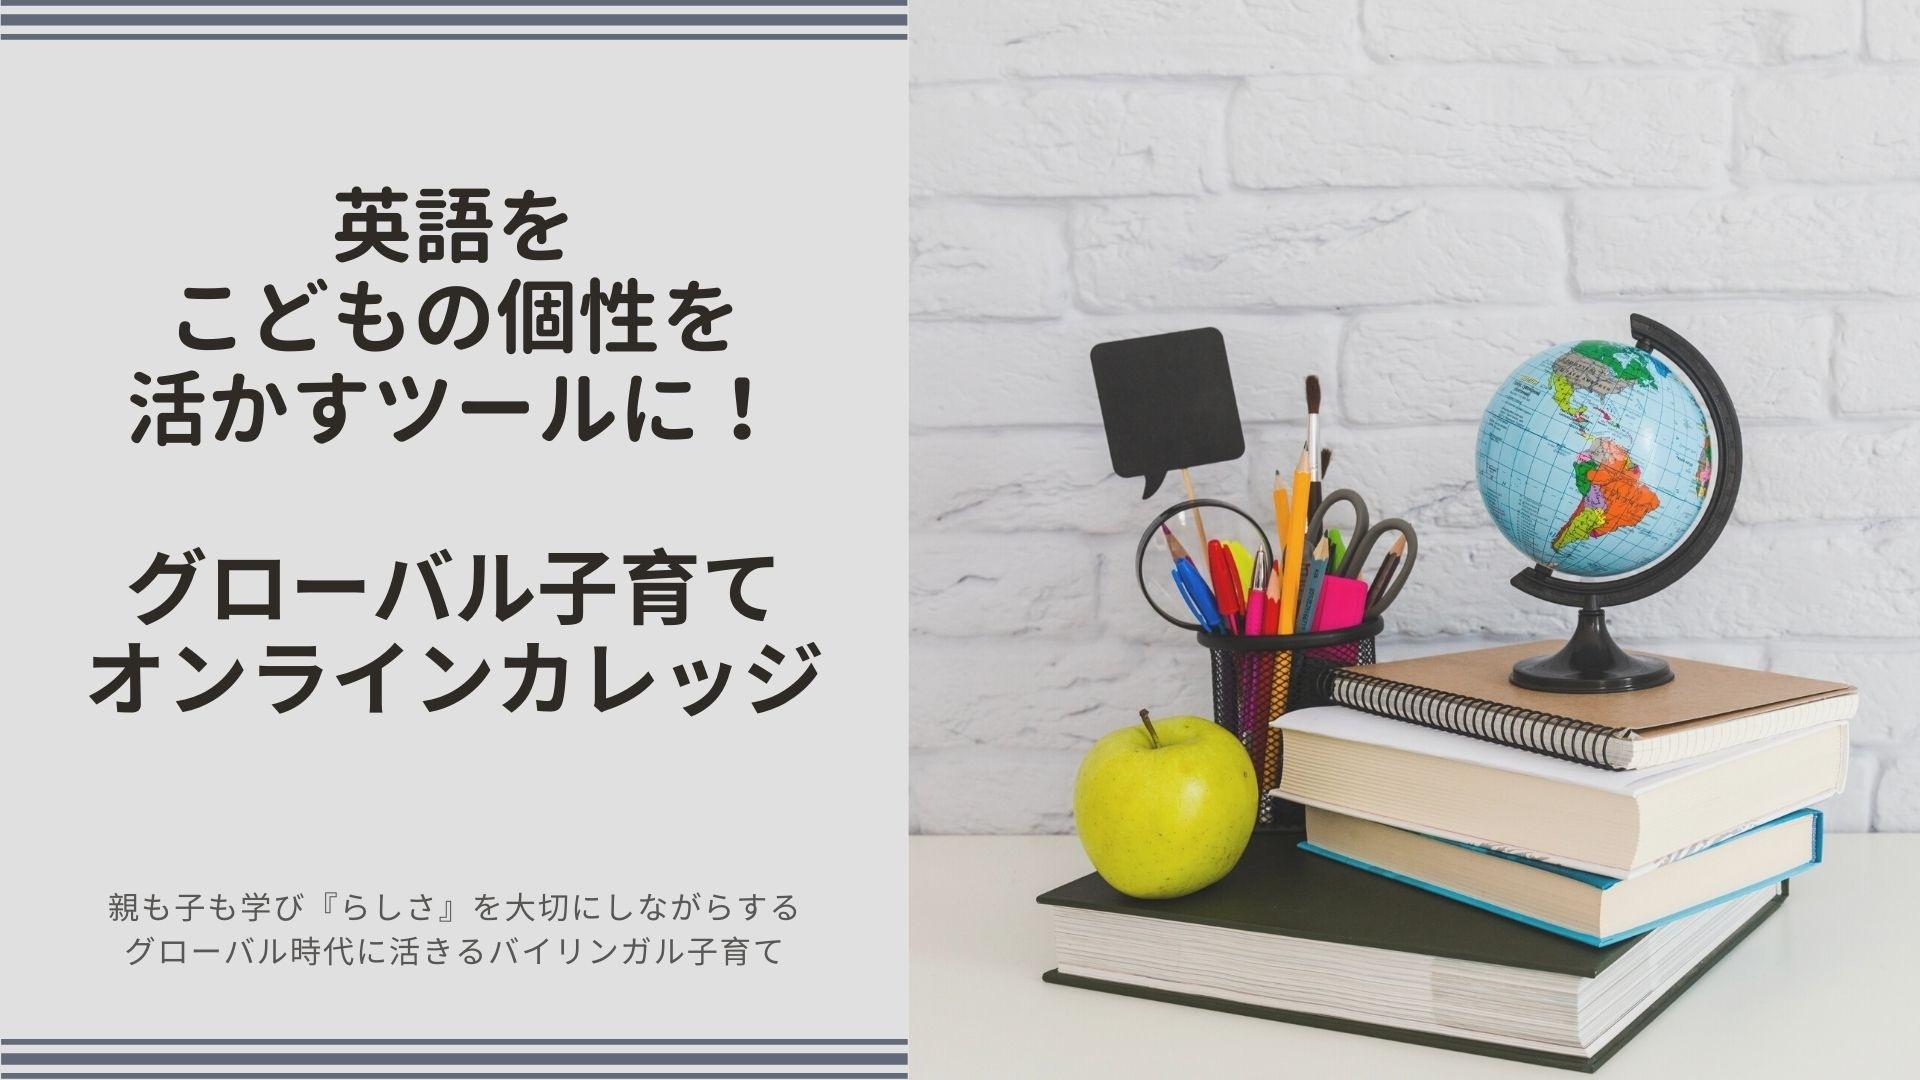 英語をこどもの個性を活かすツールに!グローバル子育てオンラインカレッジ